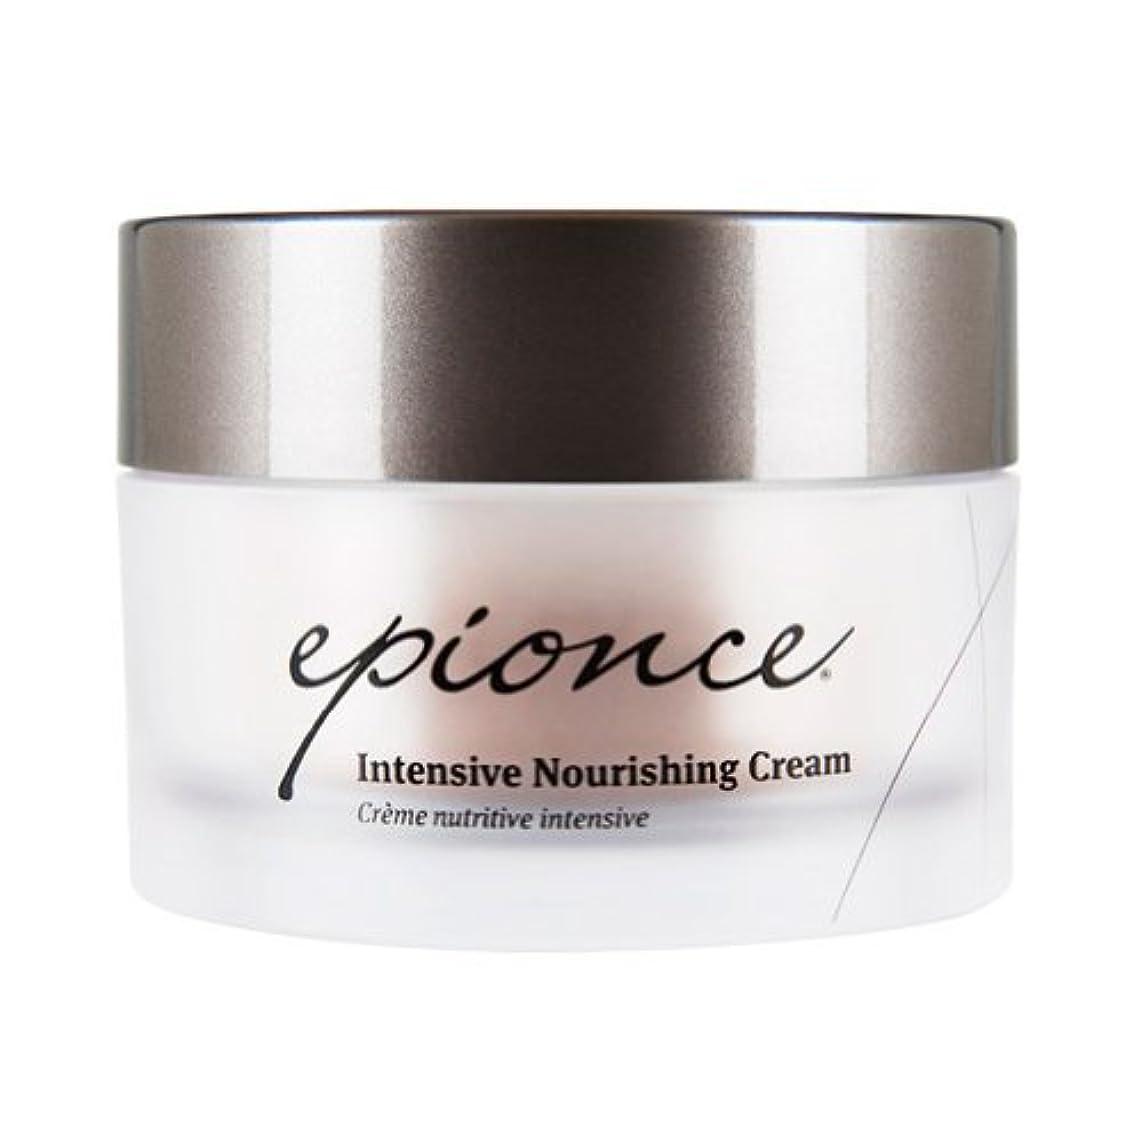 起業家湿度地中海Epionce Intensive Nourishing Cream - For Extremely Dry/Photoaged Skin 50g/1.7oz並行輸入品